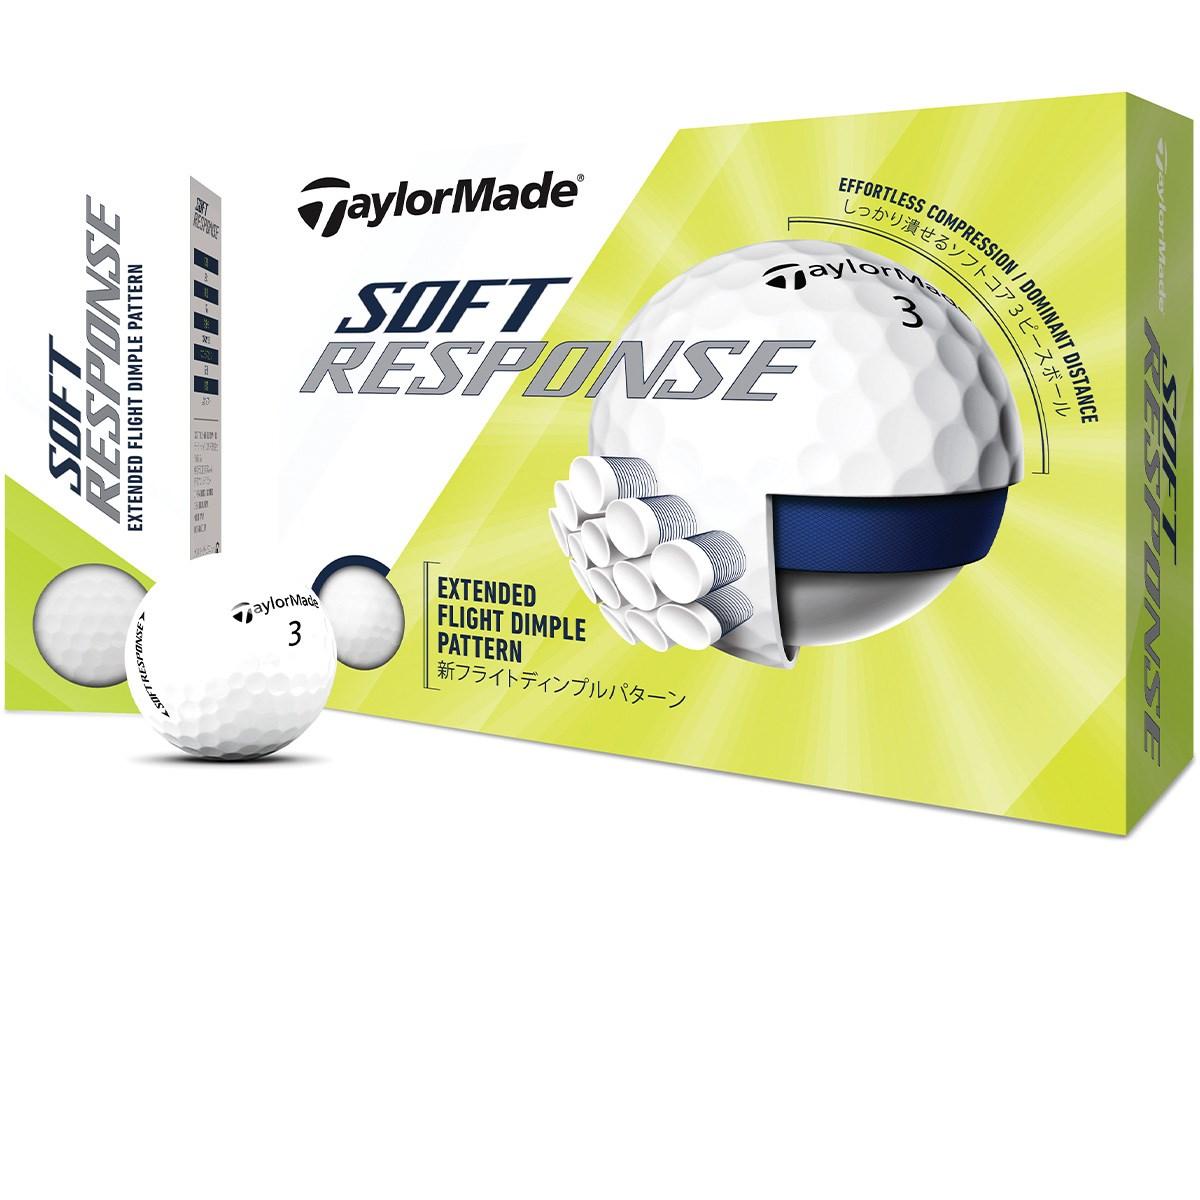 テーラーメイド TOUR RESPONSE SOFT RESPONSE ボール 5ダースセット 5ダース(60個入り) ホワイト